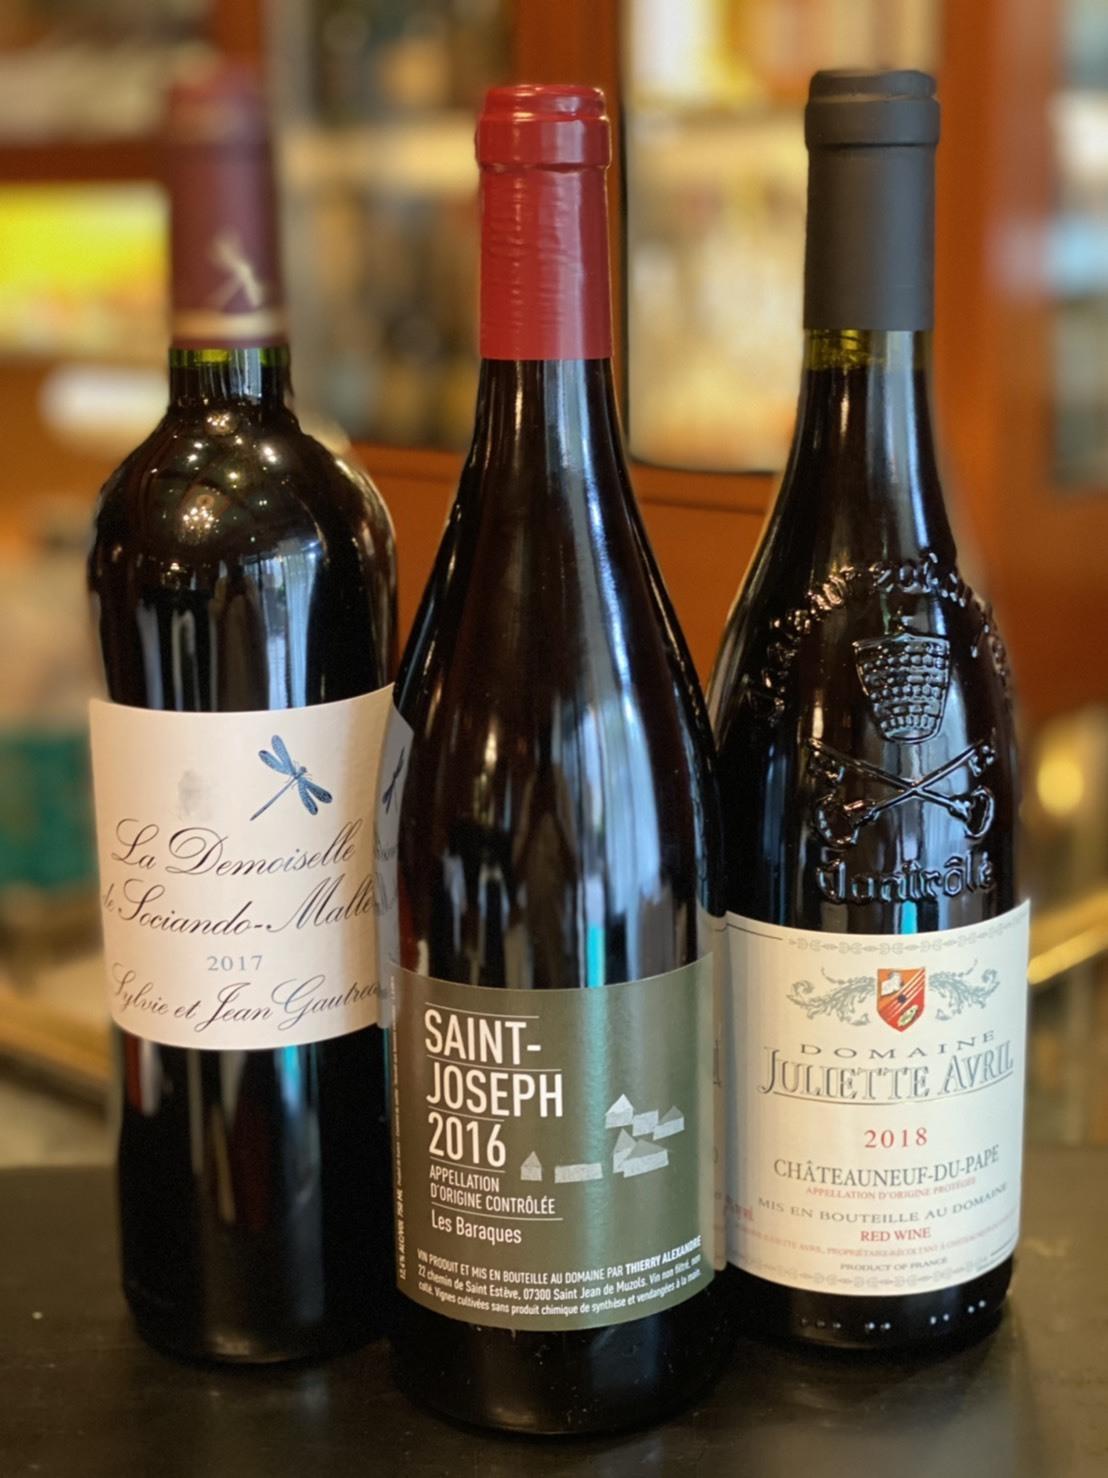 【緊急事態宣言中限定価格】フランスを代表する赤ワイン3本セット サンジョセフ+ラ ドモワゼル ド ソシアンド マレ+シャトーヌフドパプ